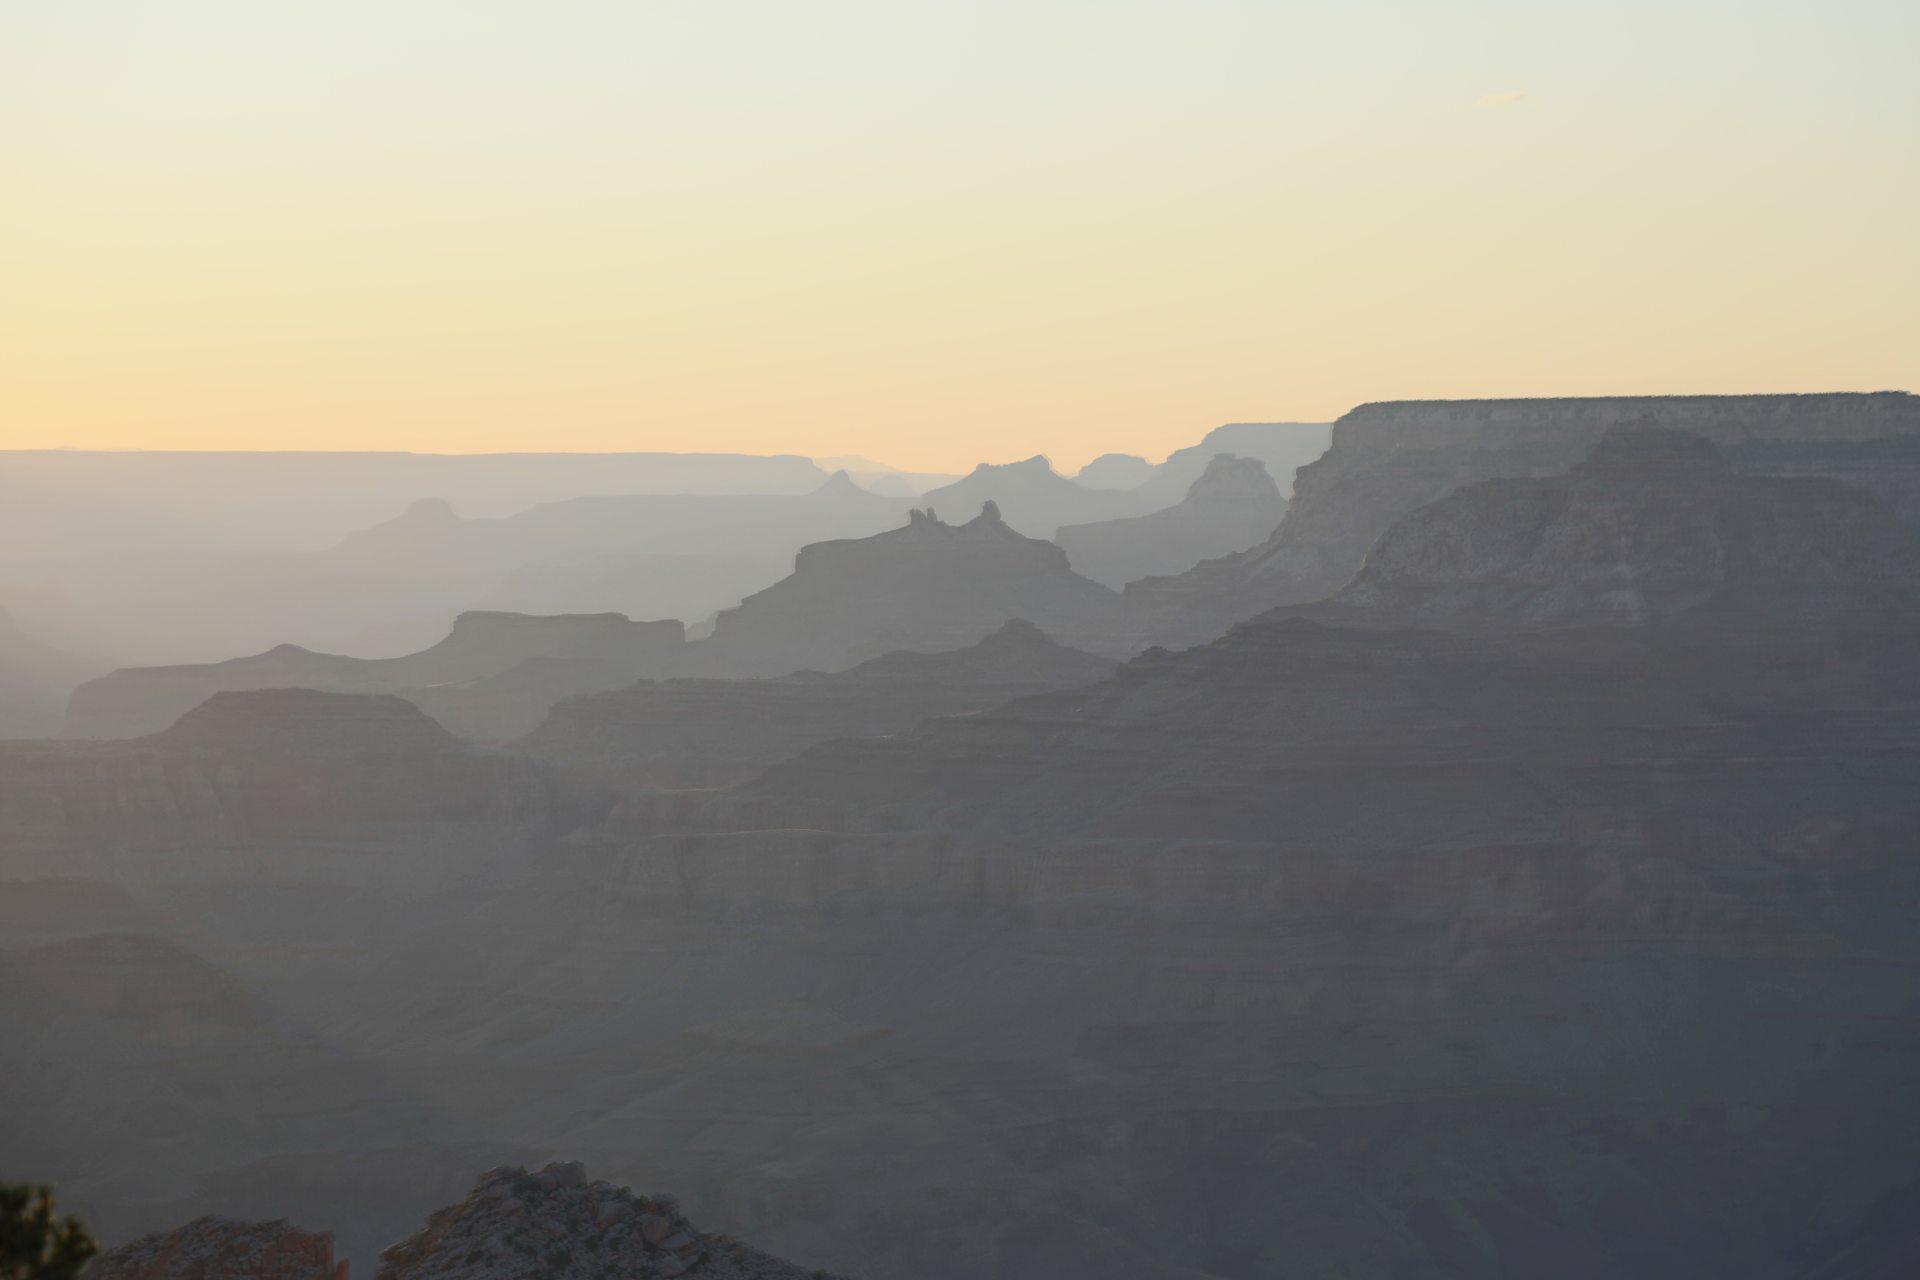 Malerischer Sonnenuntergang am Grand Canyon - Abendrot, Abendstimmung, Abgrund, Arizona, Aussicht, Canyon, Desert View Point, Desert View Watchtower, Färbung, Fernsicht, Grand Canyon National Park, Himmel, Landschaft, Licht, Natur, Panorama, Schlucht, Sonnenuntergang, Sonnenuntergangsstimmung - (Vista Encantada, Grand Canyon, Arizona, Vereinigte Staaten)